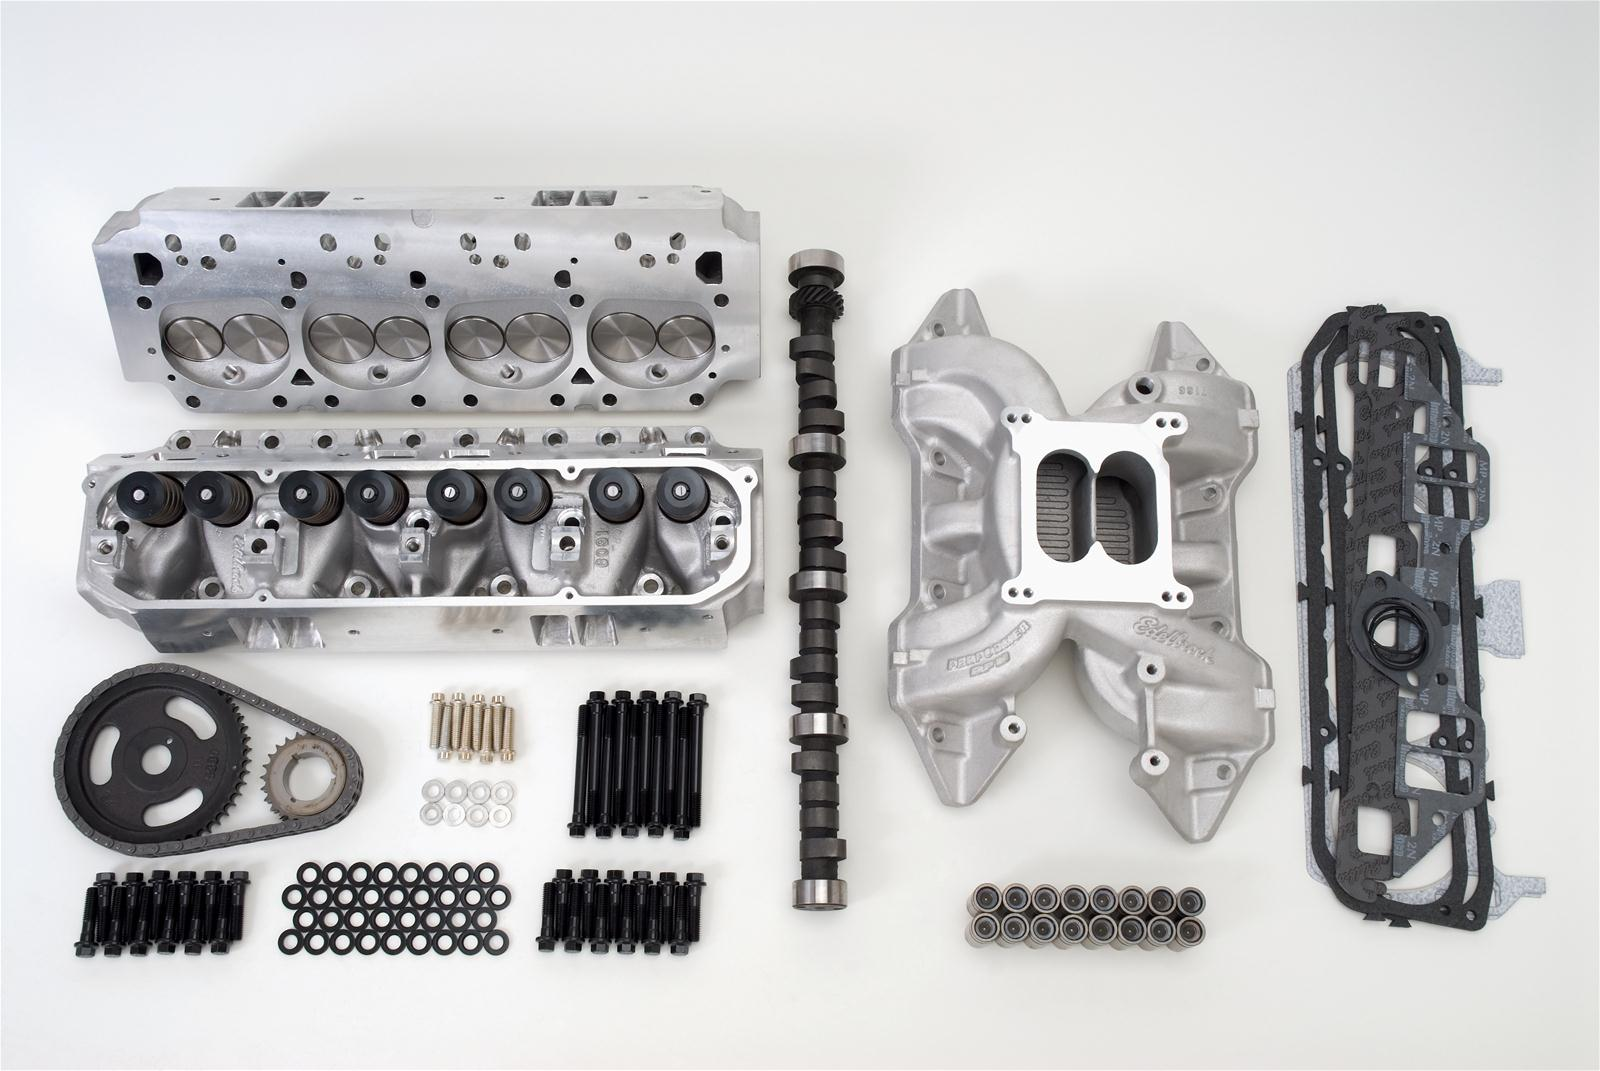 1970 1974 Chrysler engine bolt kit for B E body with 383 440 Engine